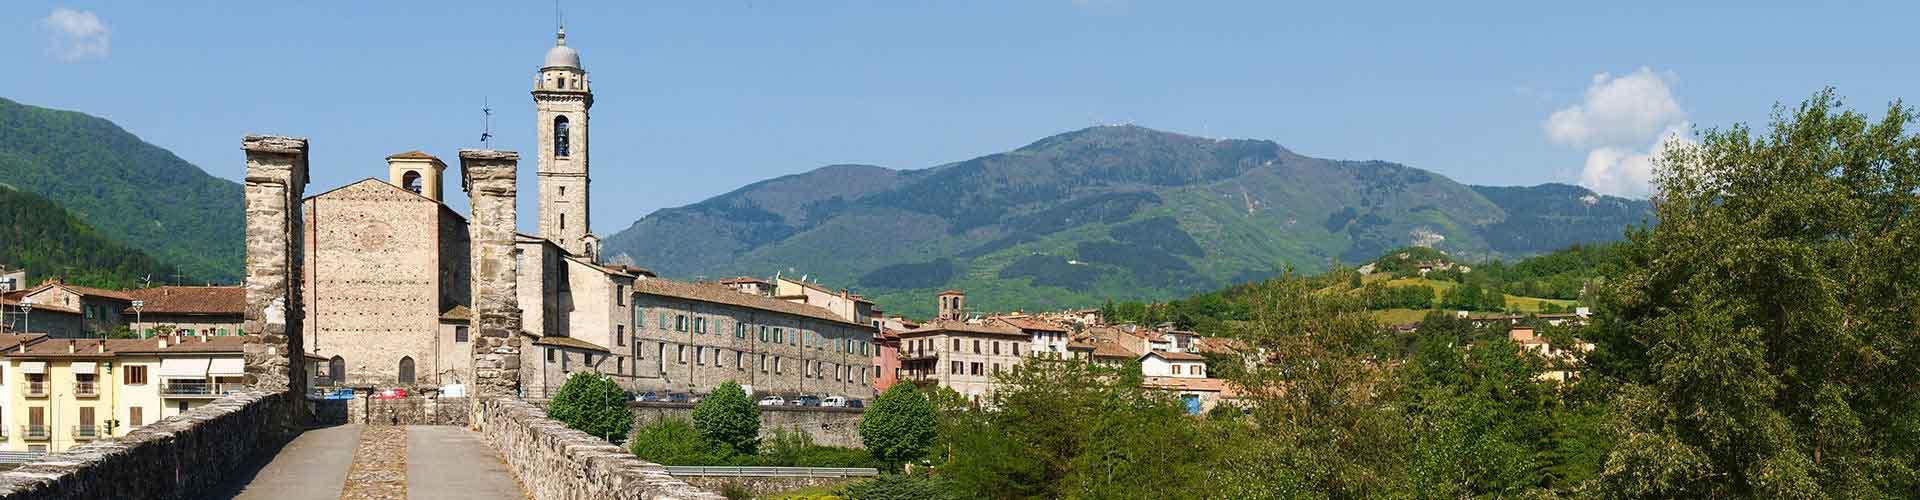 Piacenza – Hostellit kohteessa Piacenza. Piacenza -karttoja, valokuvia ja arvosteluja kaikista Piacenza -hostelleista.